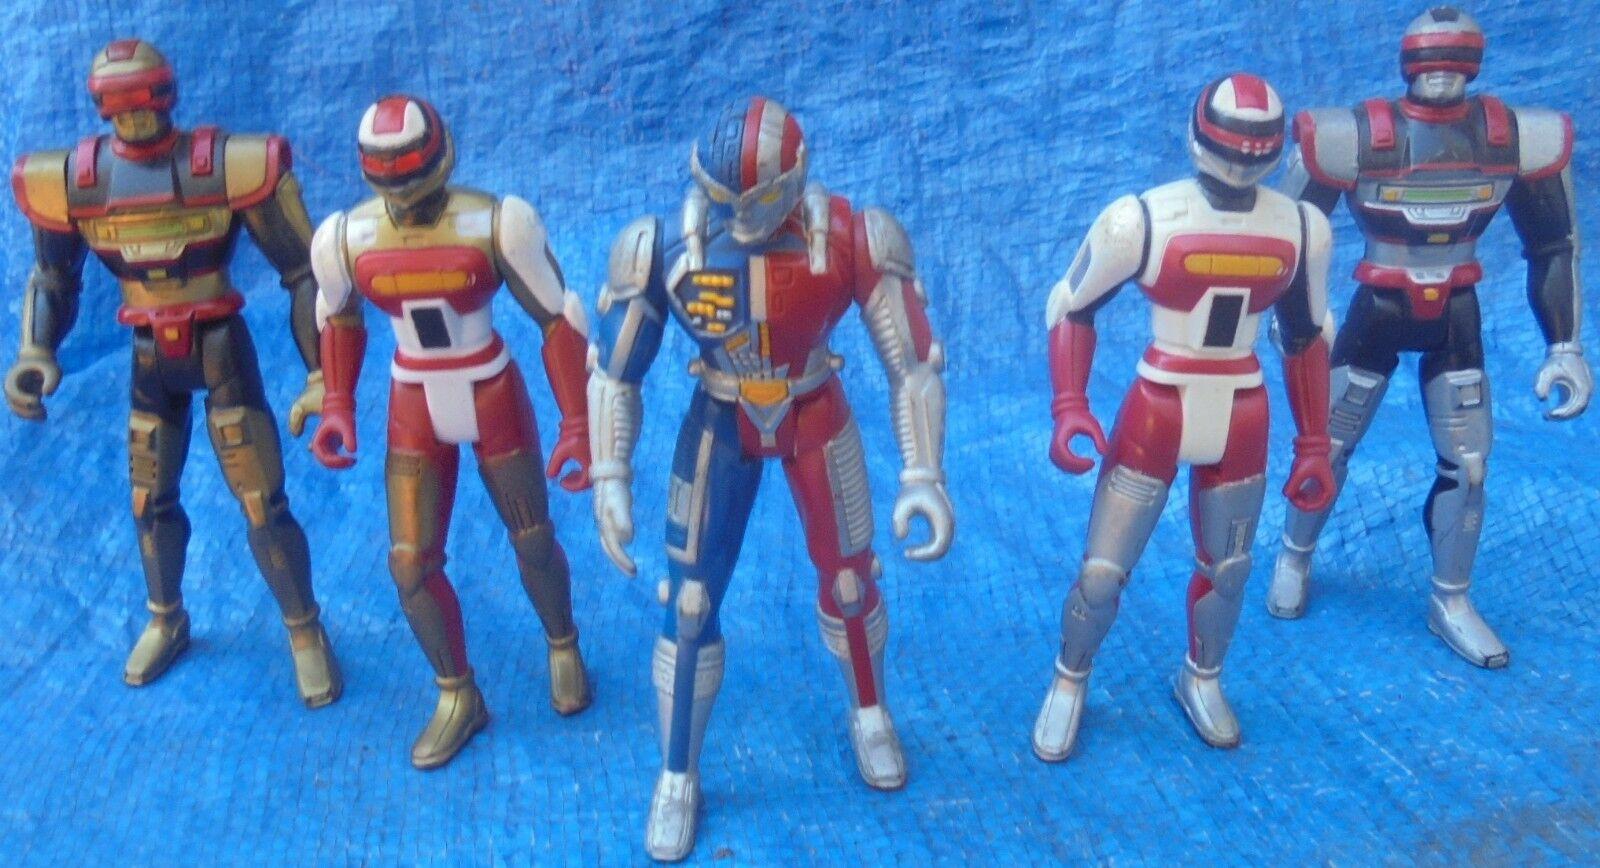 1994 Kenner vr troopers Figurine Lot Ryan Steele Kaitlin Starr JB Reese vintage